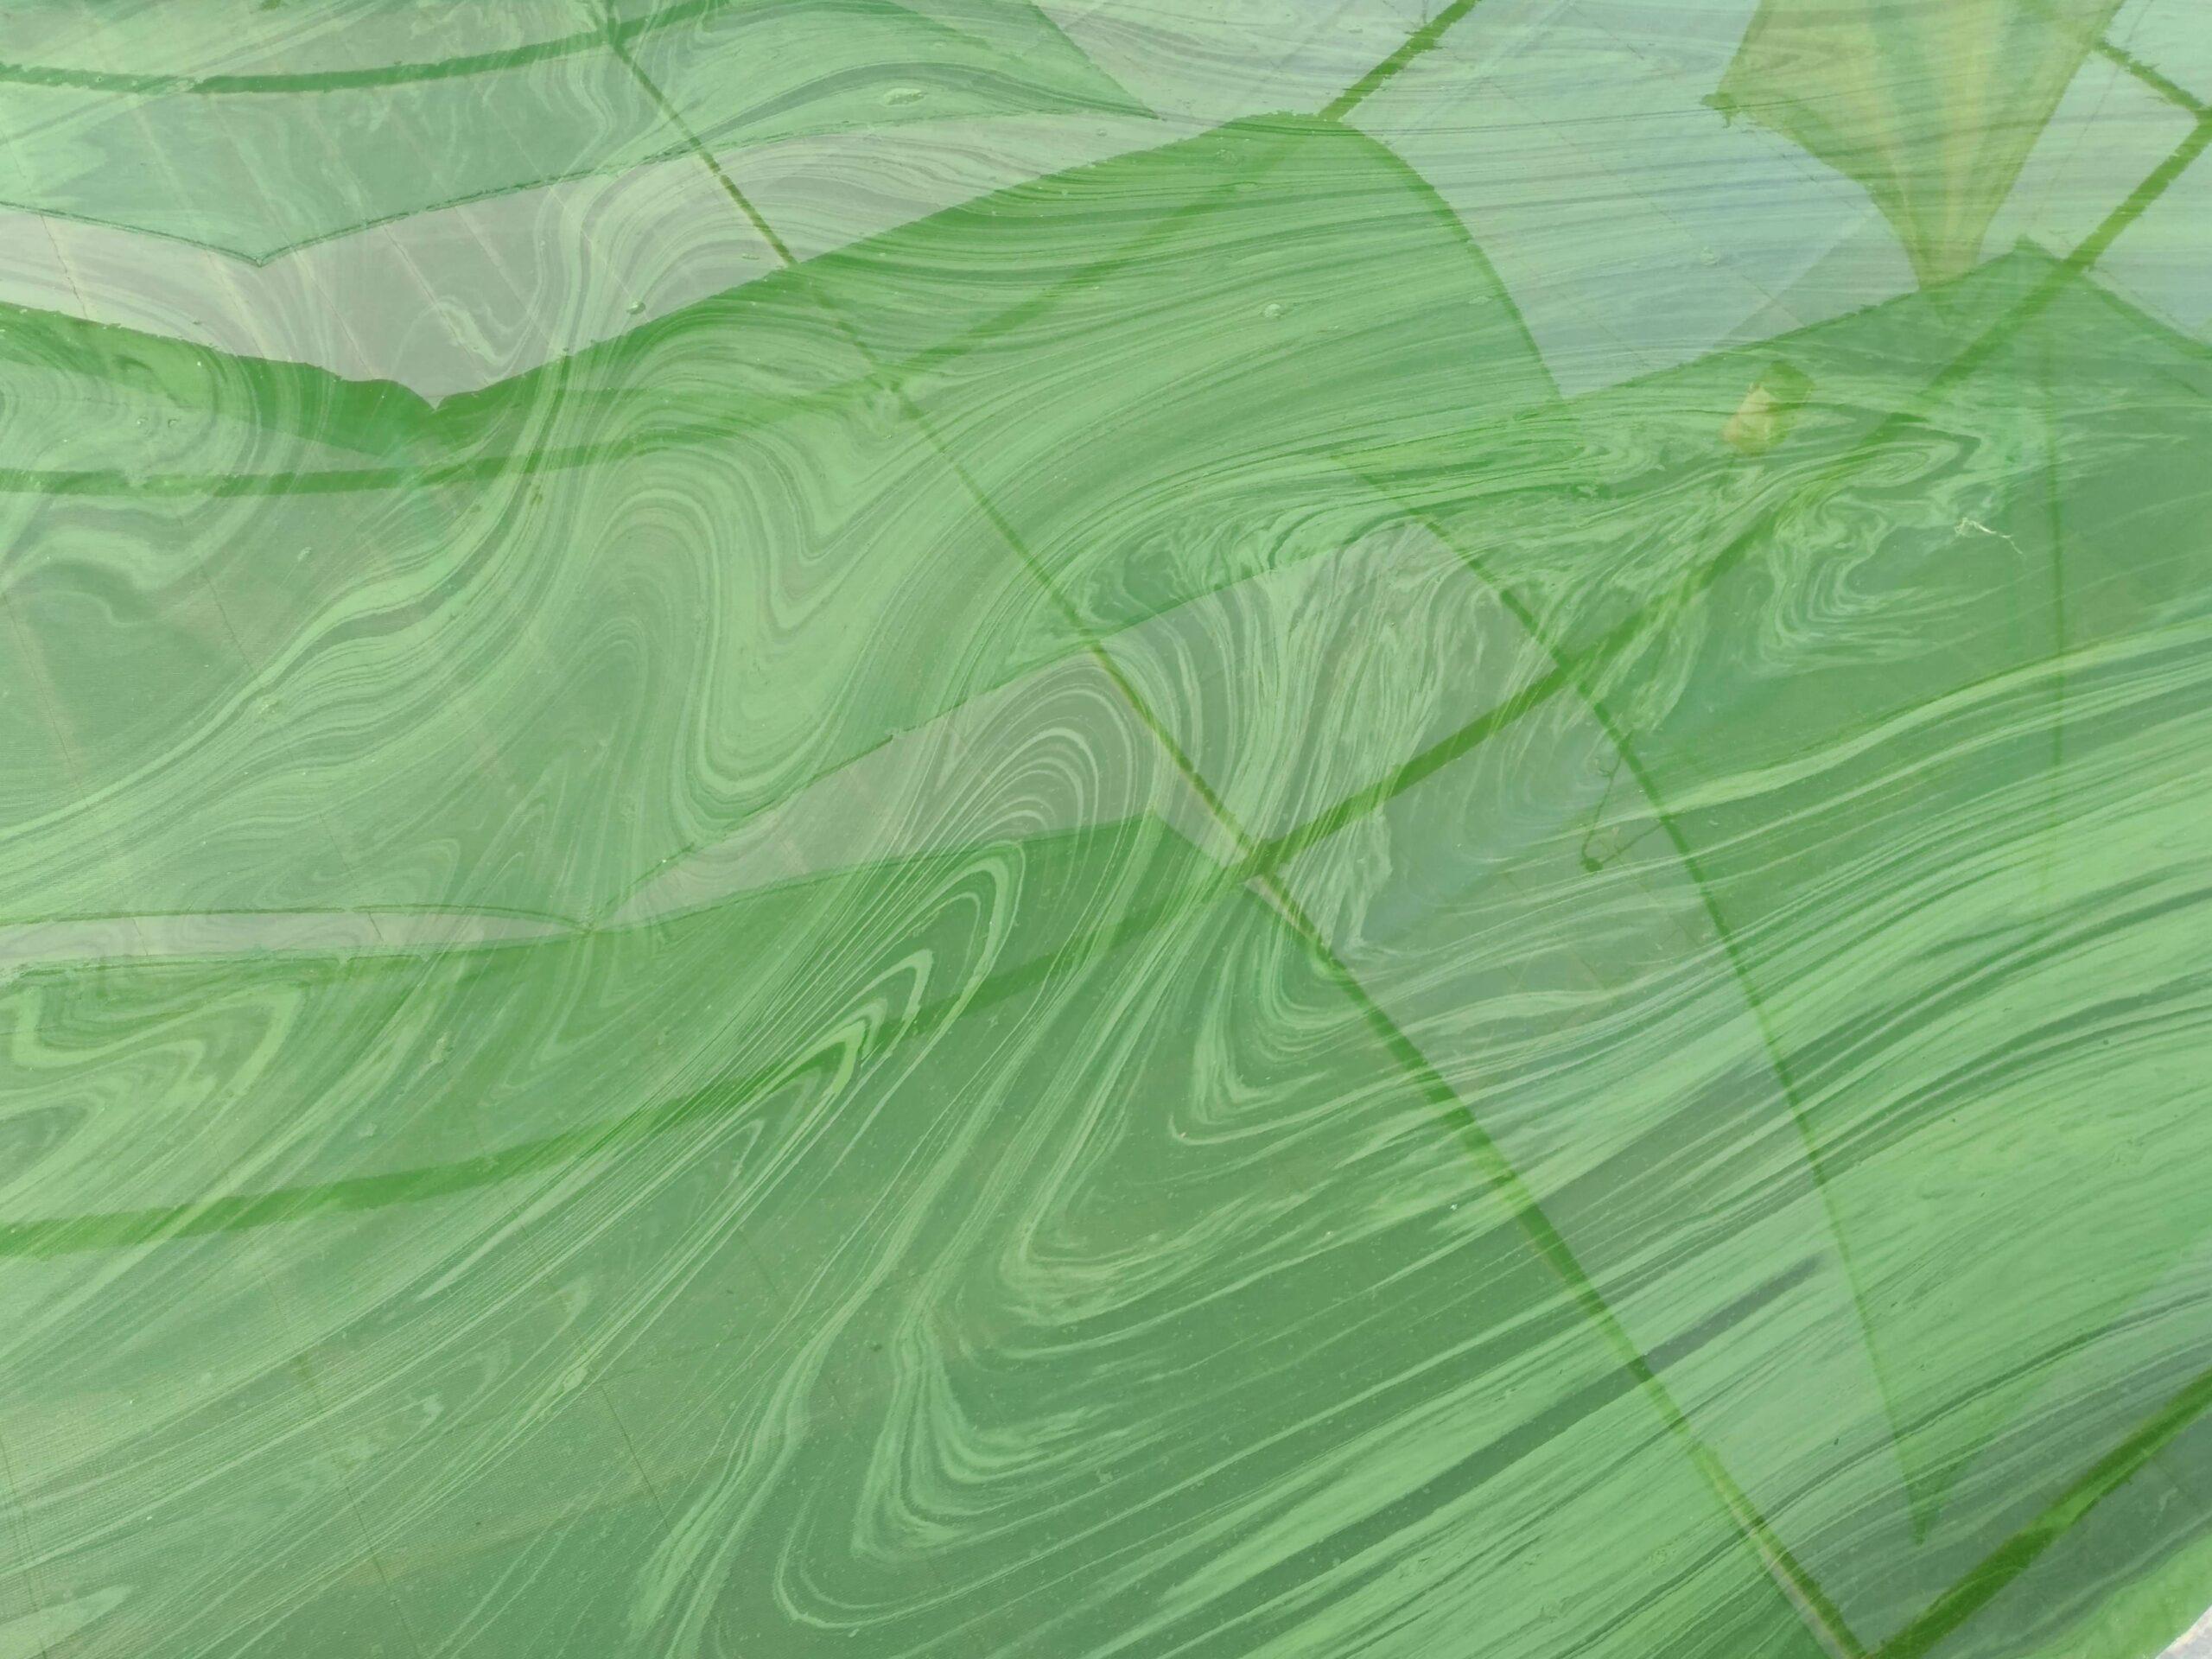 la Spiruline c'est quoi: photo de spiruline dans un bassin